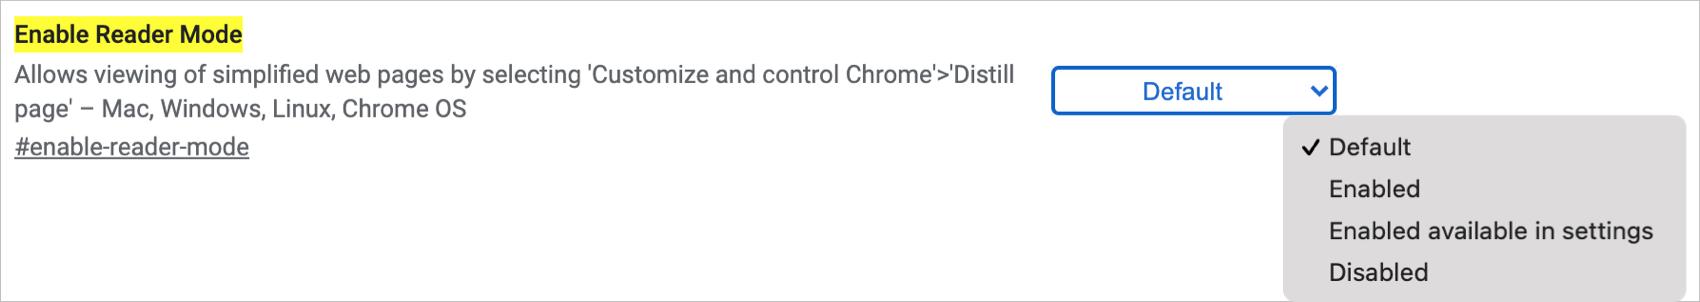 Chrome Enable Reader Mode